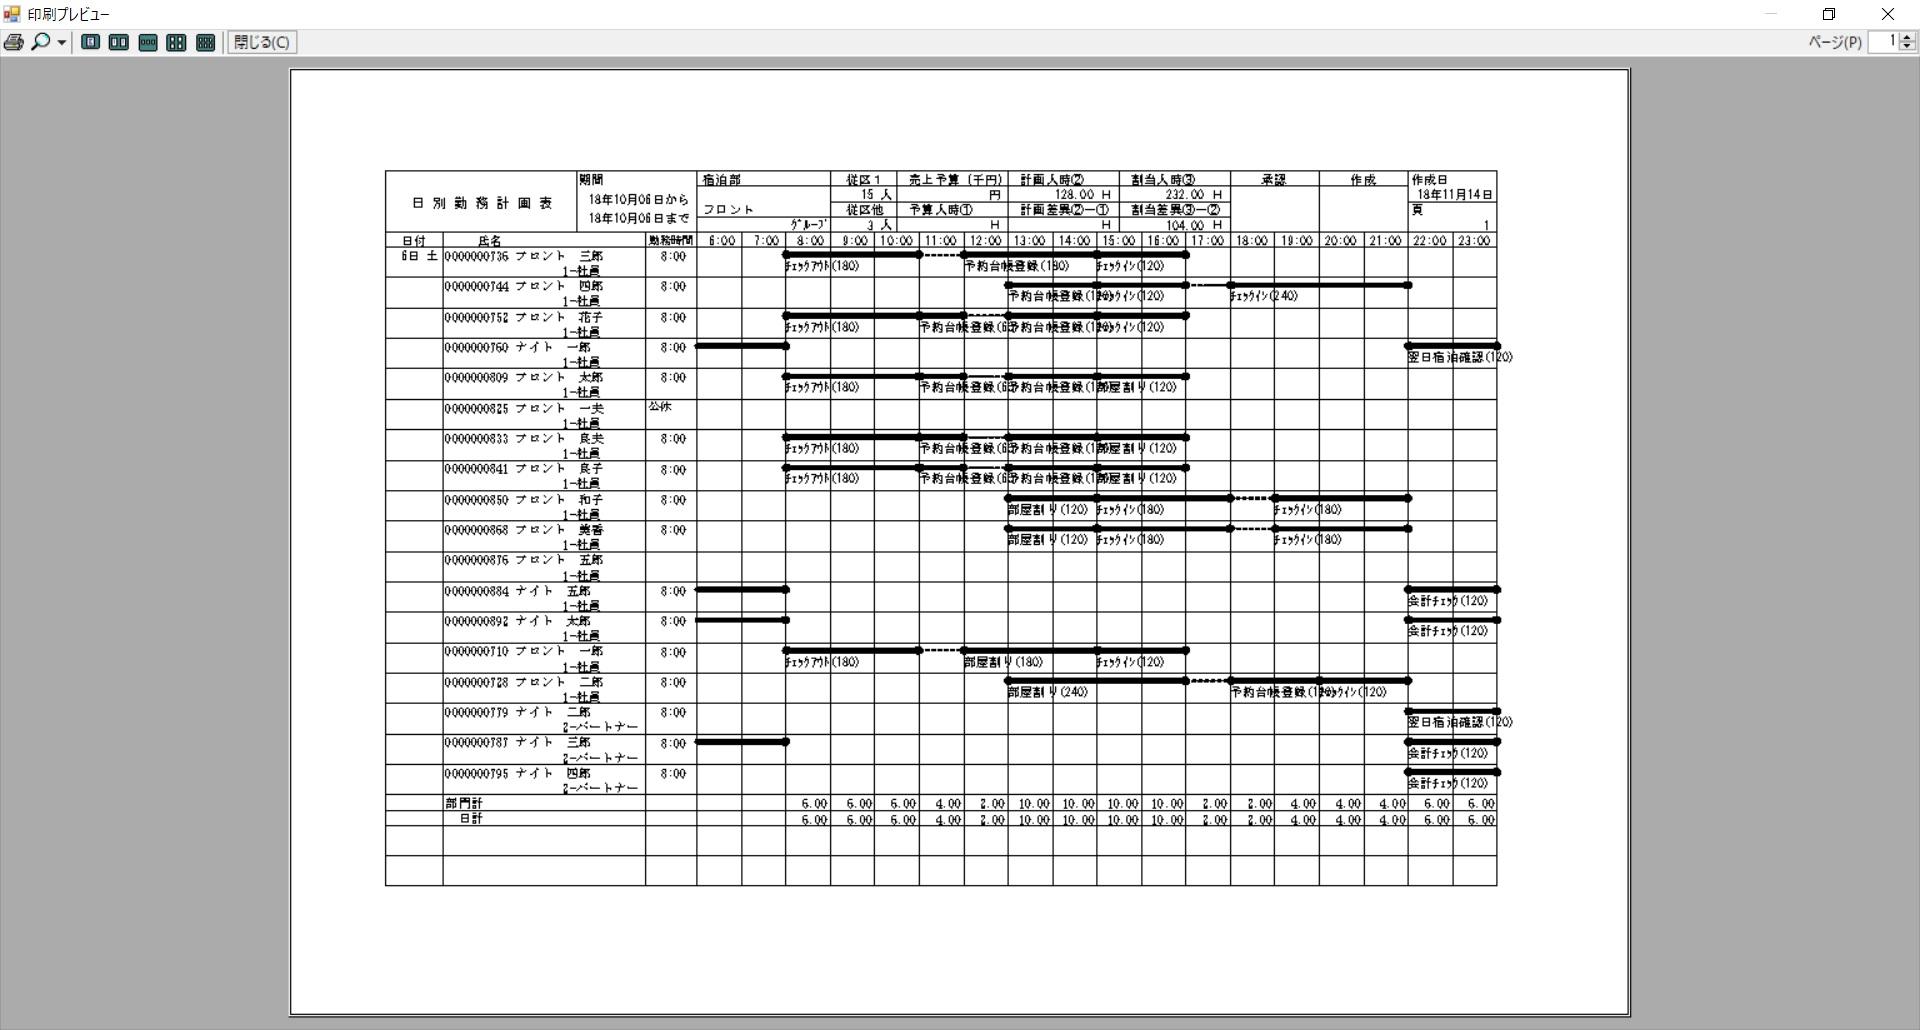 作業割当による一日の勤務計画表